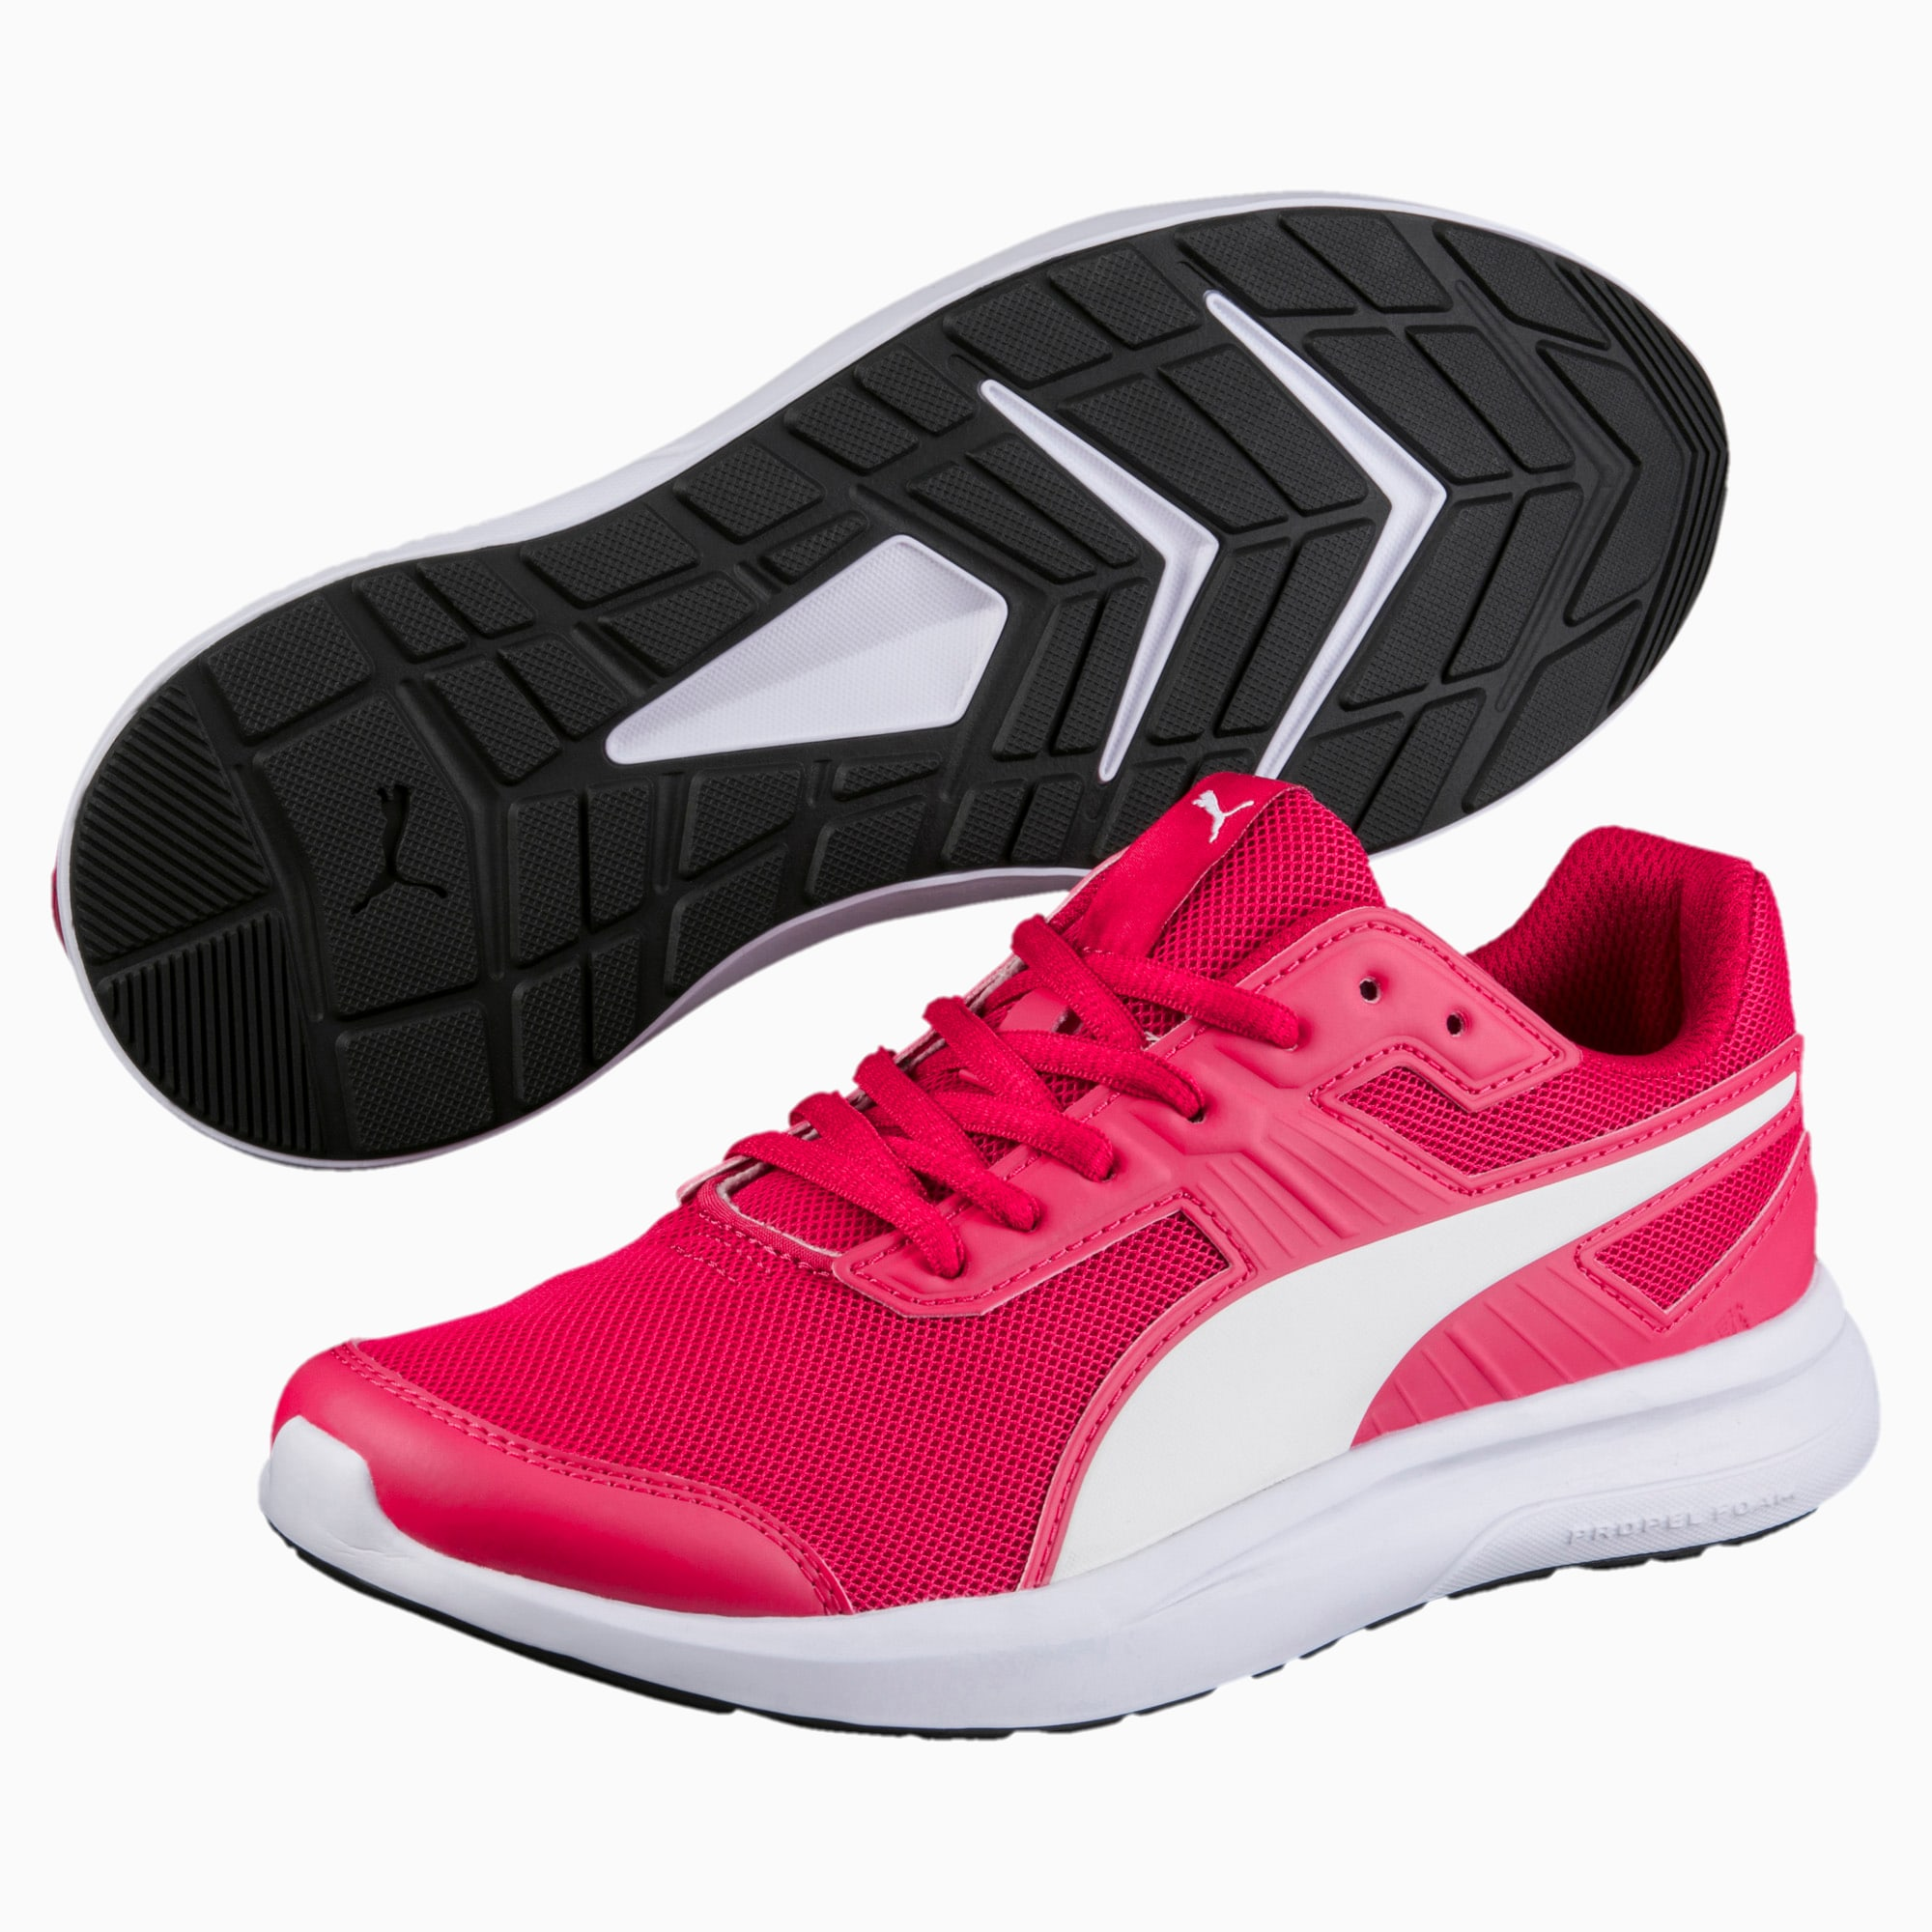 Escaper Mesh Trainers | PUMA Shoes | PUMA Polska